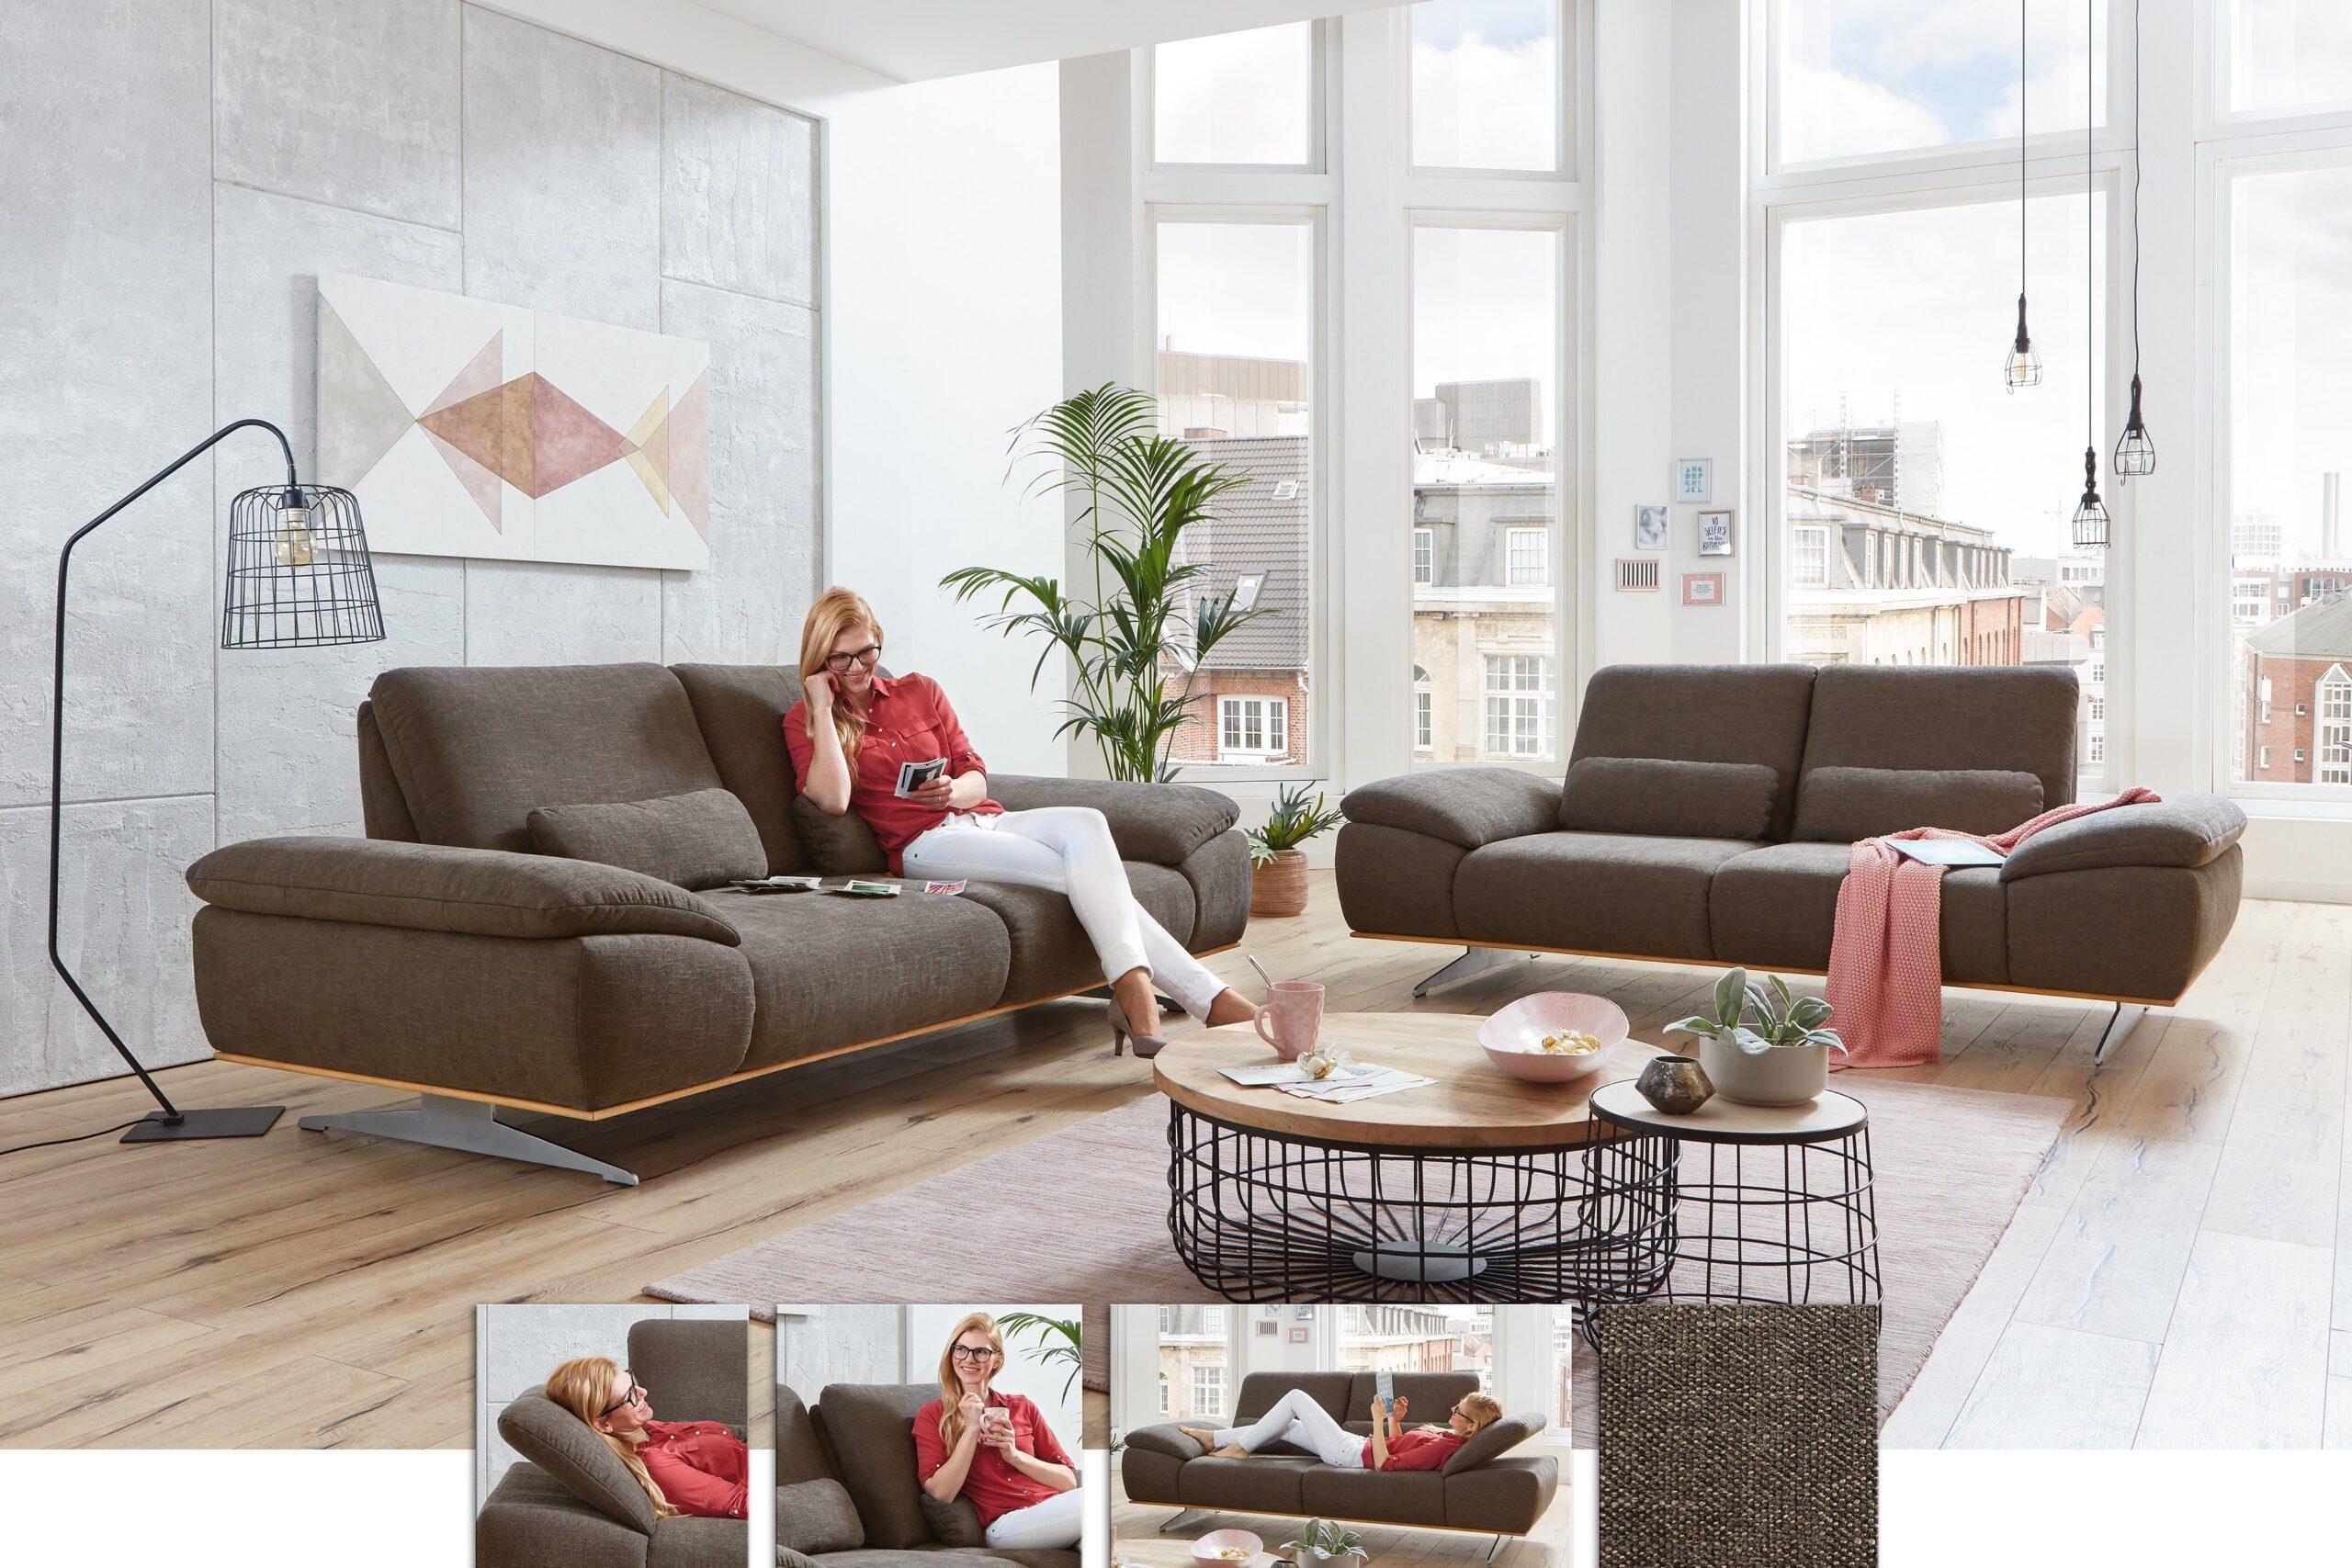 Full Size of Indomo Sofa Planpolster Iduna Sitzgruppe In Braun Mbel Letz Ihr Online Shop Karup Innovation Berlin Patchwork Le Corbusier überwurf Günstig Kaufen Big Mit Sofa Indomo Sofa